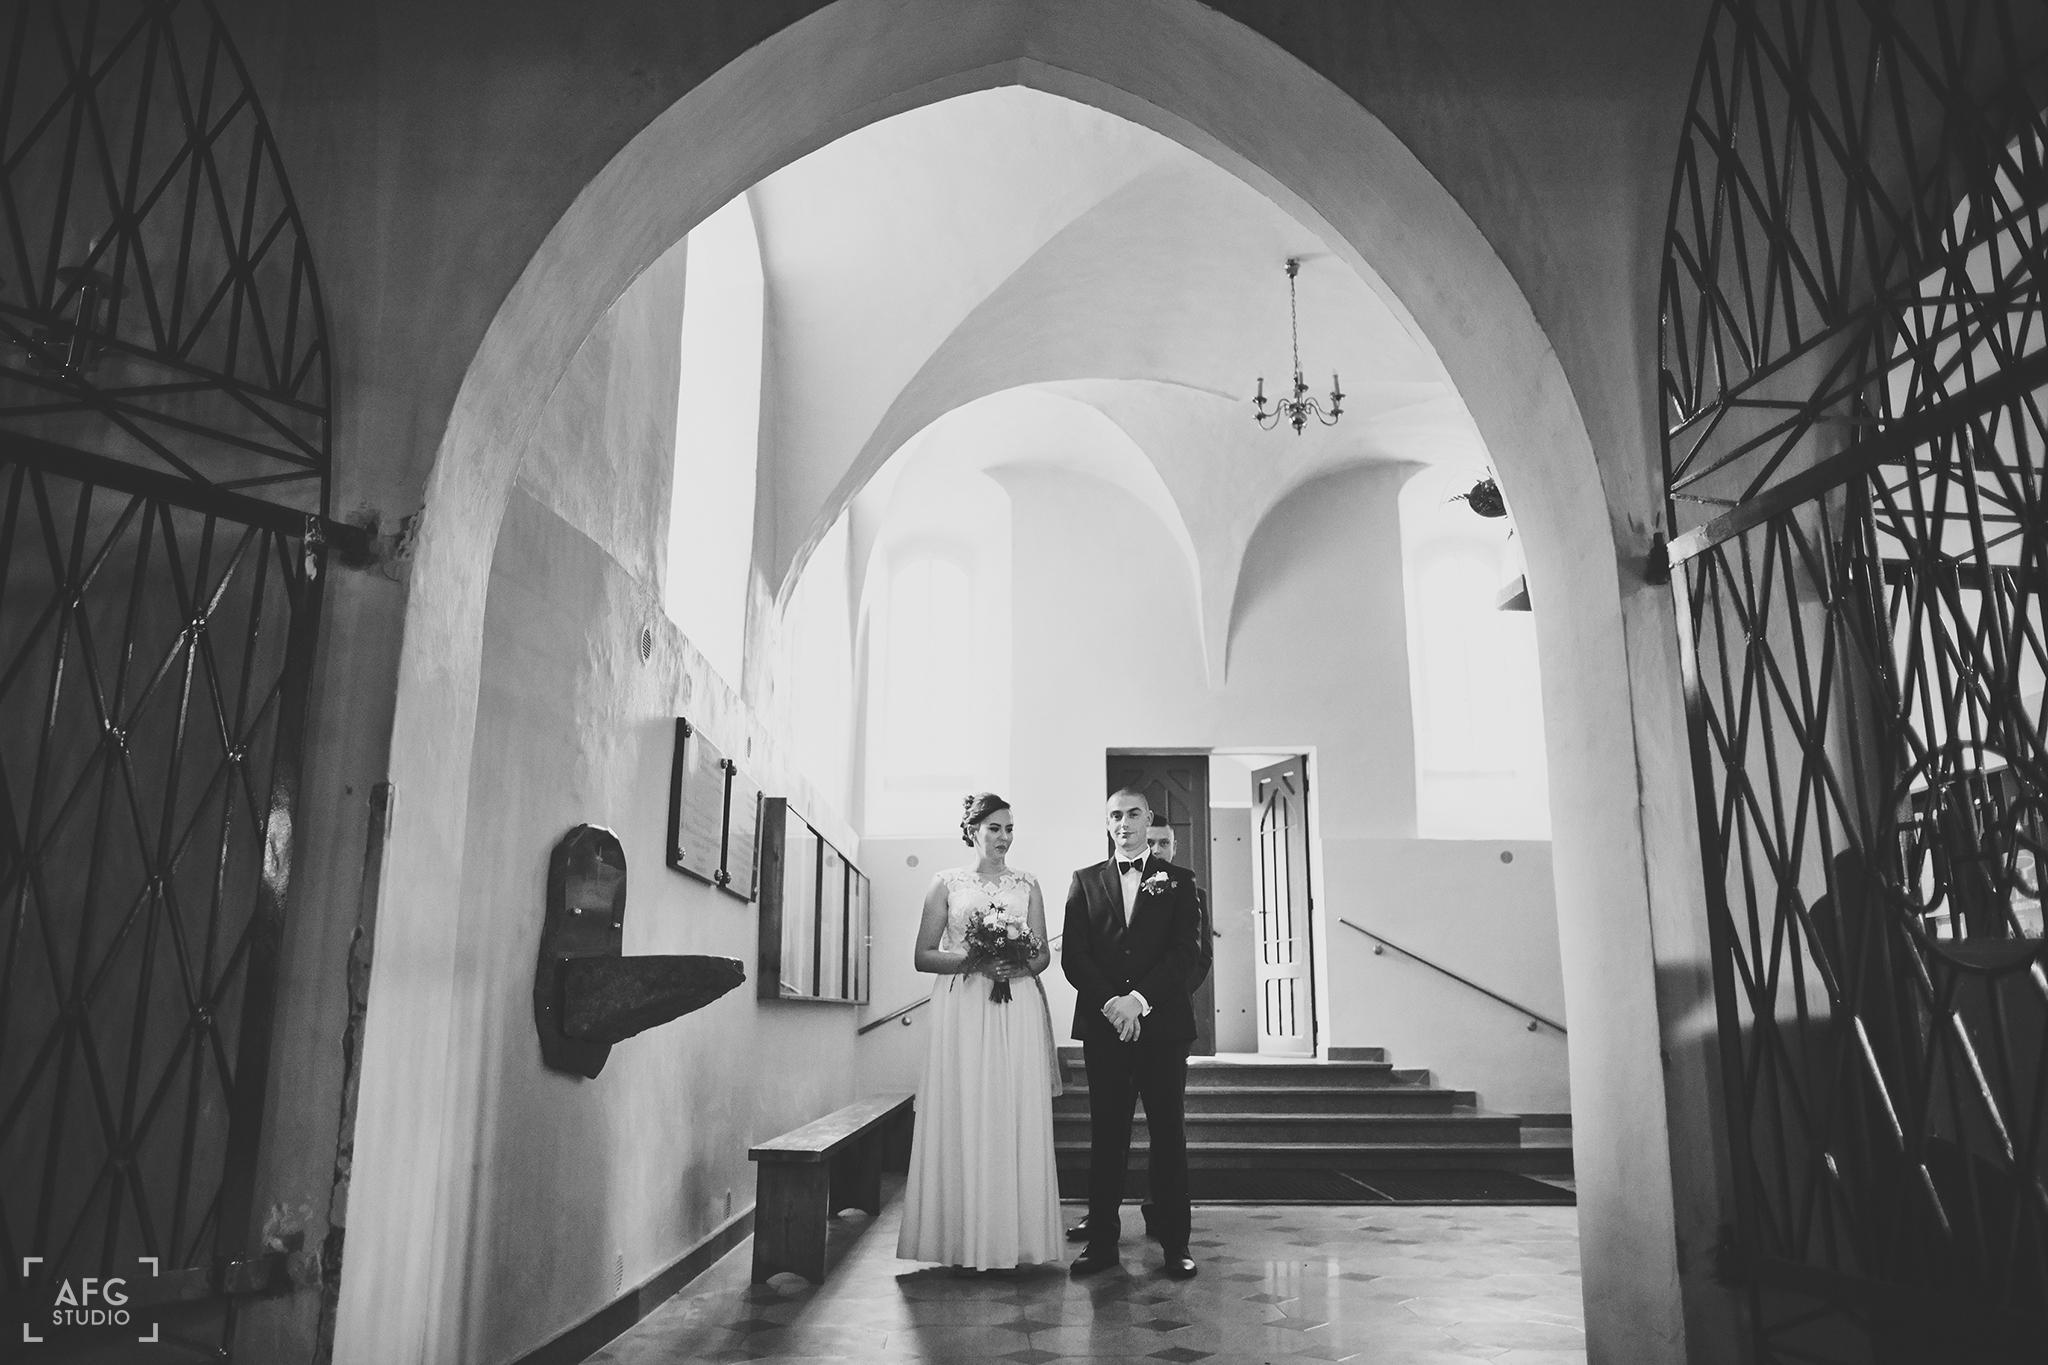 Kościół, przed ślubem, ceremonia ślubna